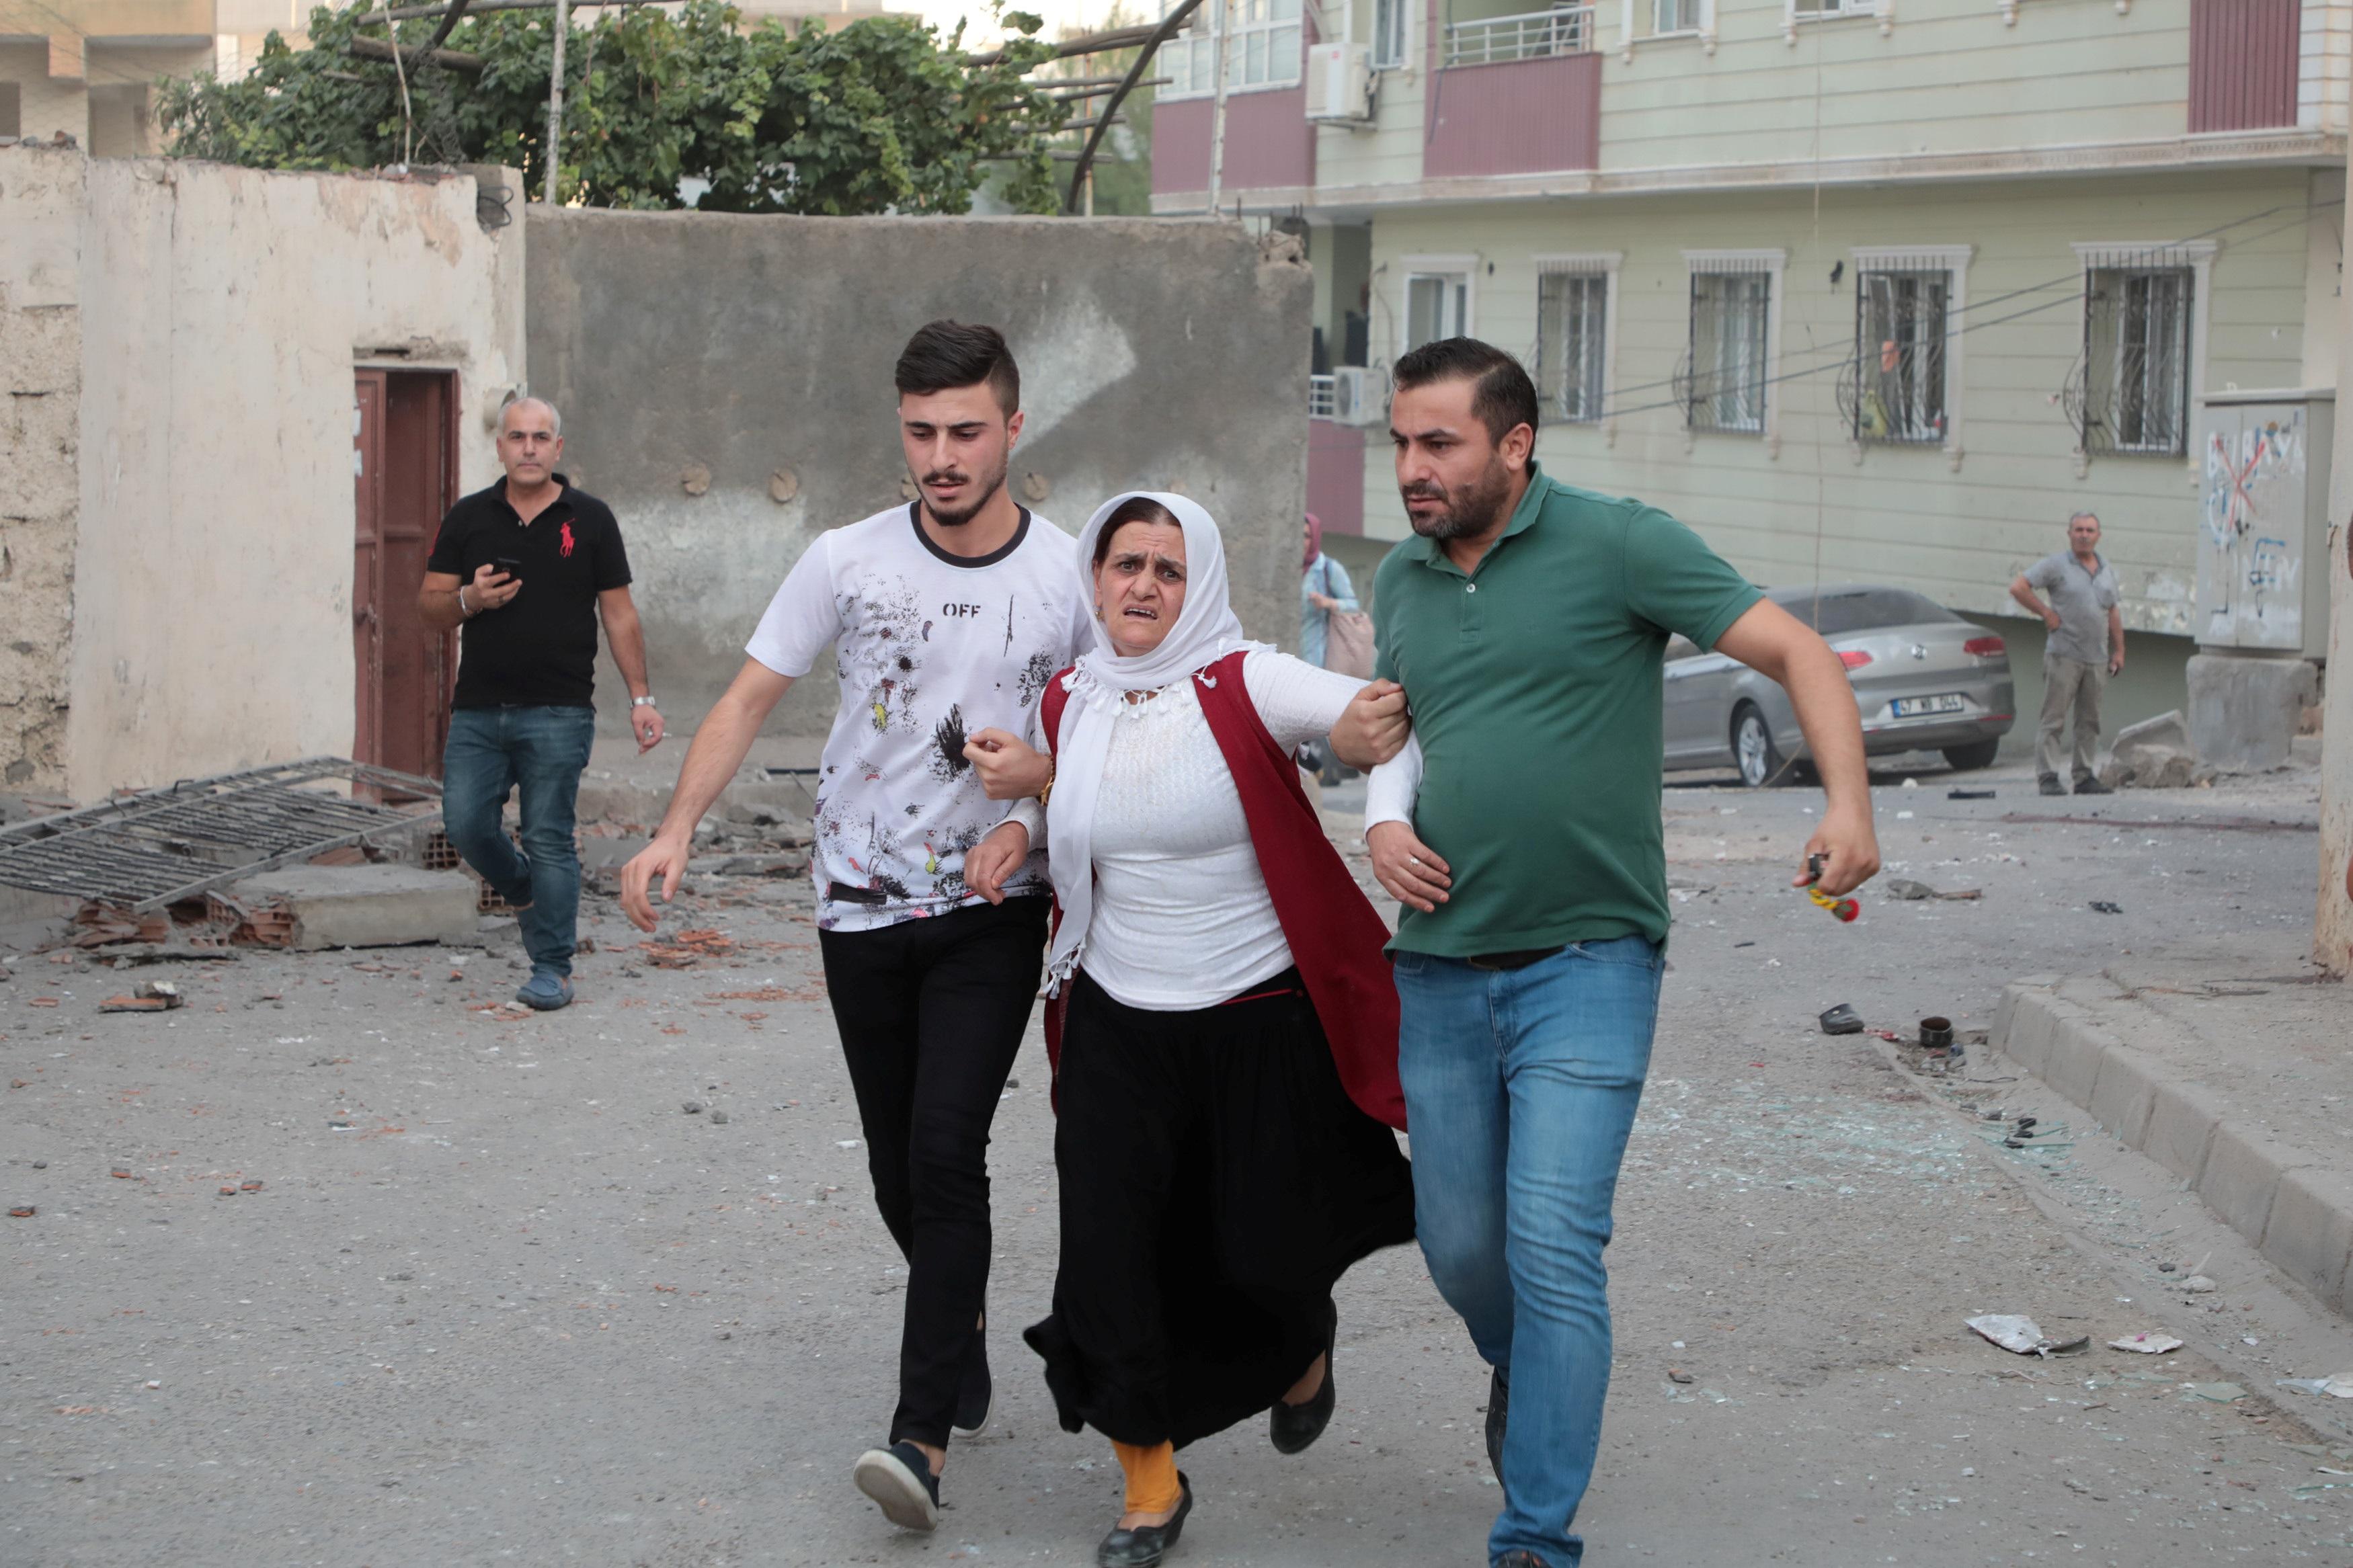 Γερμανία σε Τουρκία: Σταματήστε την επίθεση στη βόρεια Συρία!